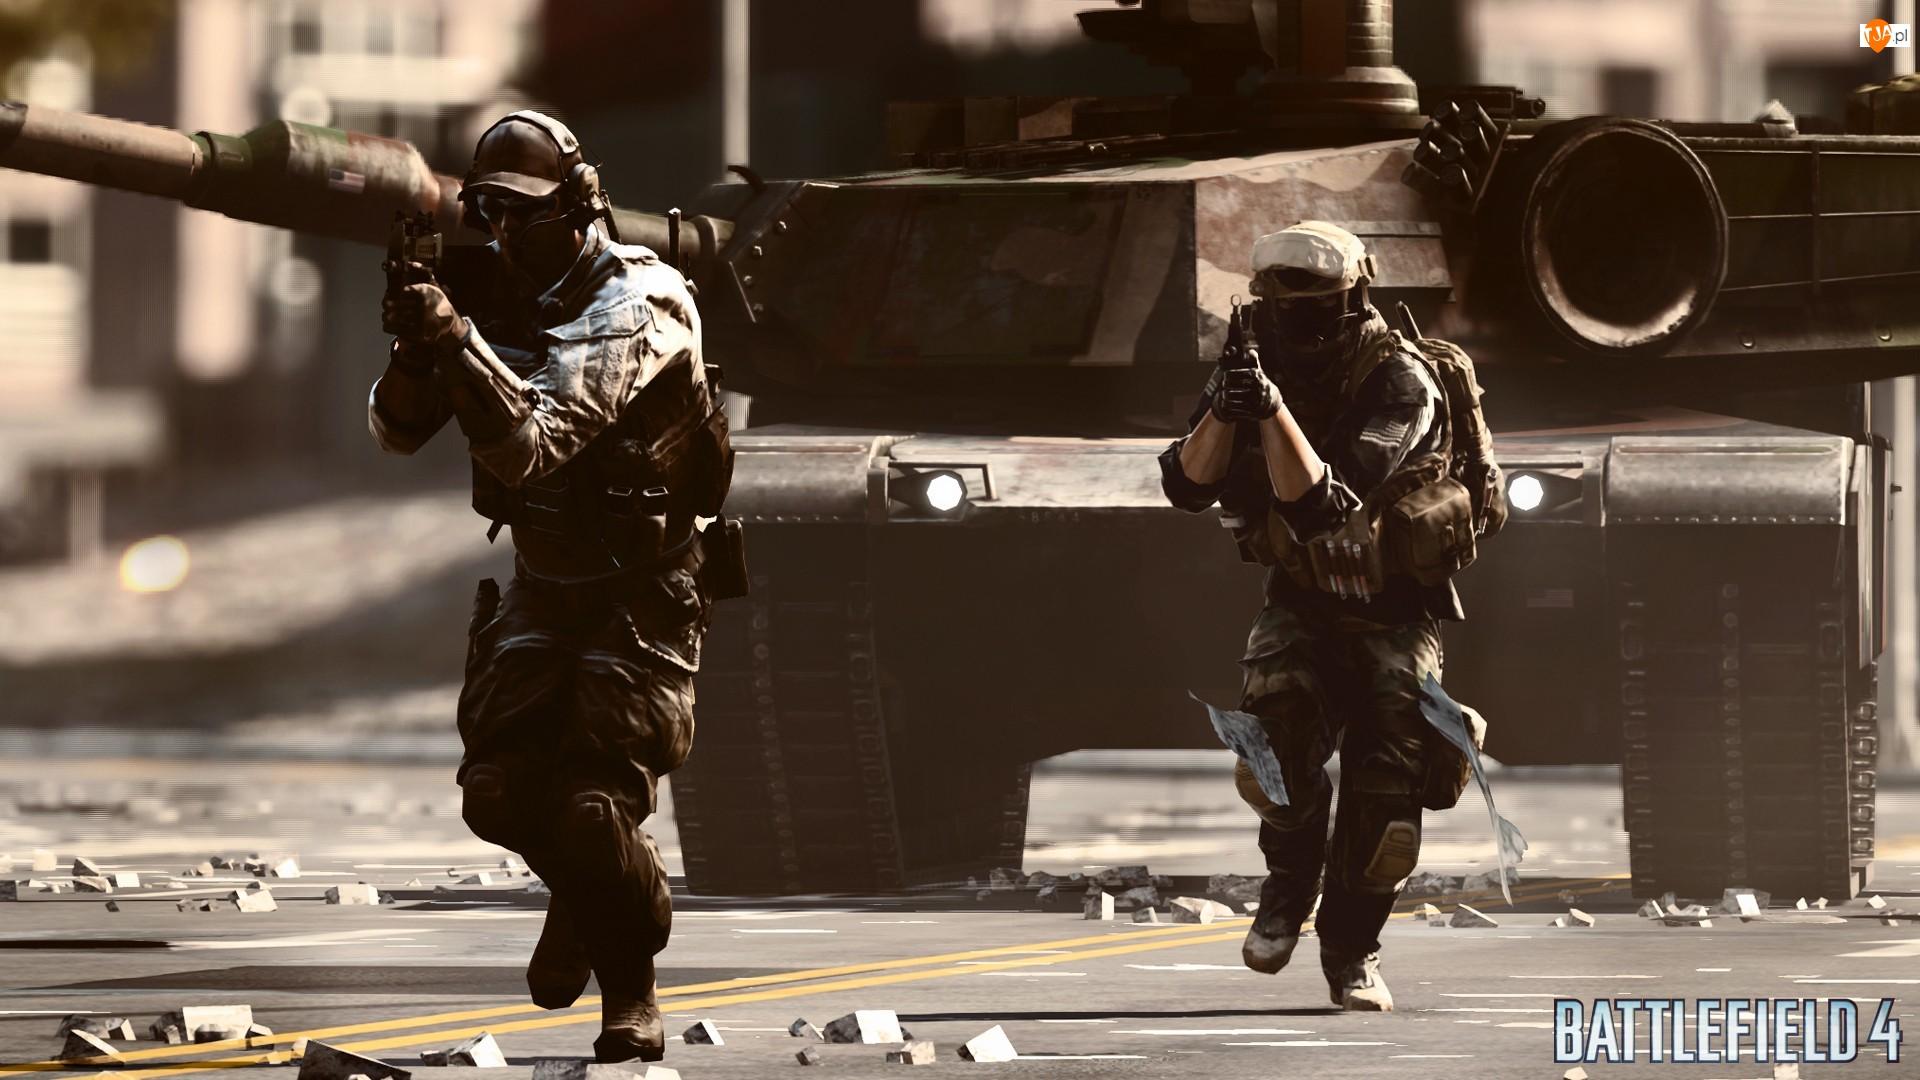 Czołg, Gra, Żołnierze, Battlefield 4, Karabiny